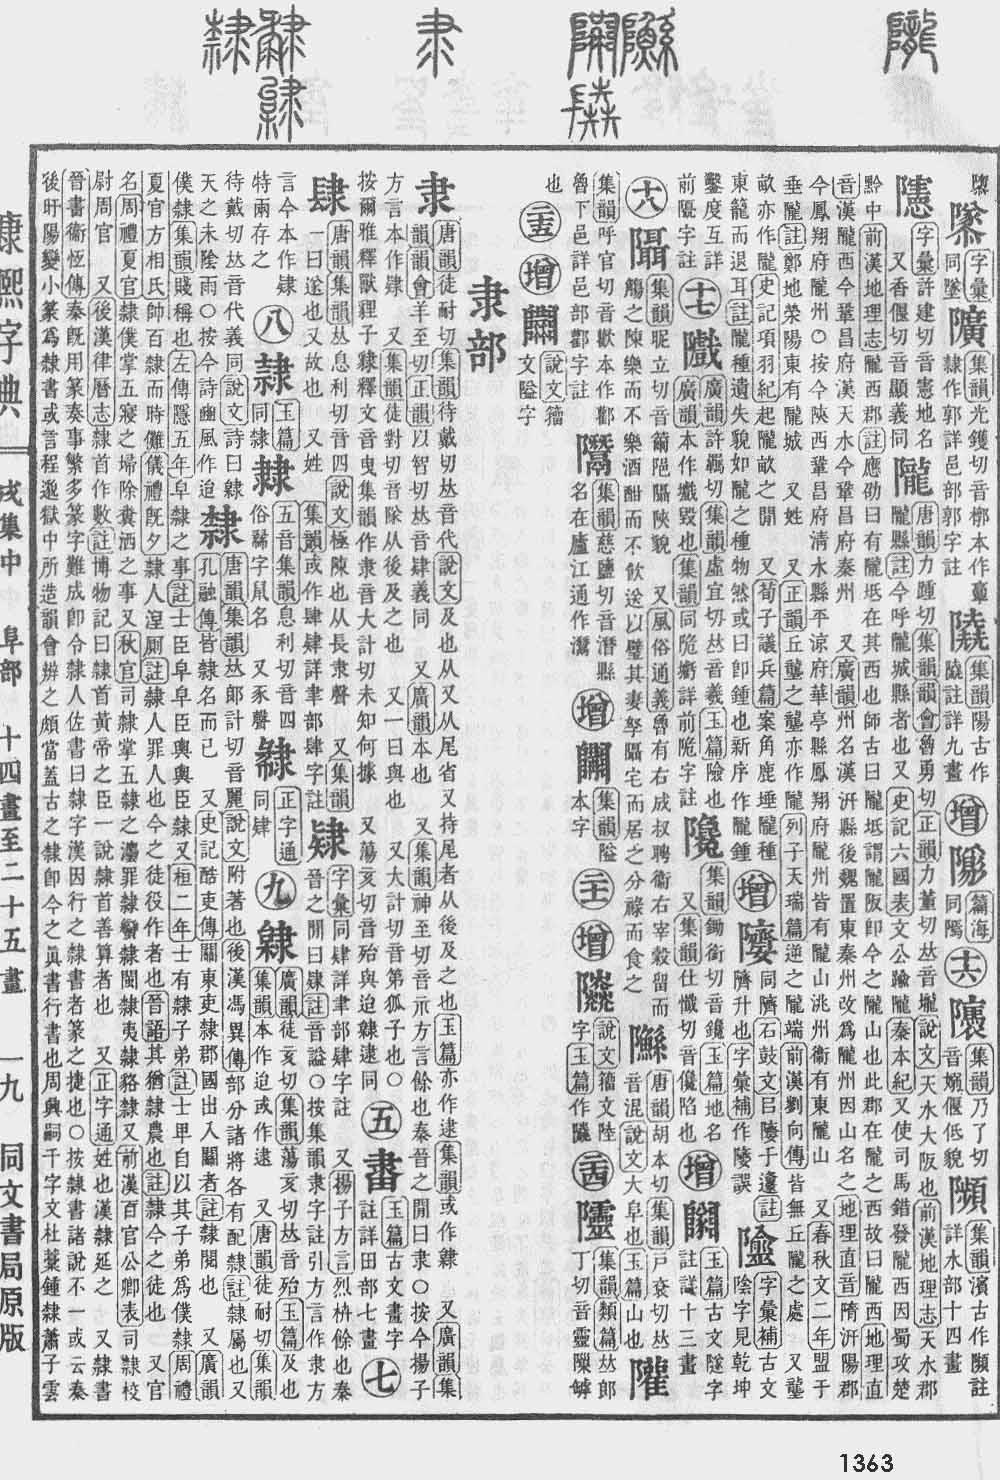 《康熙字典》第1363页